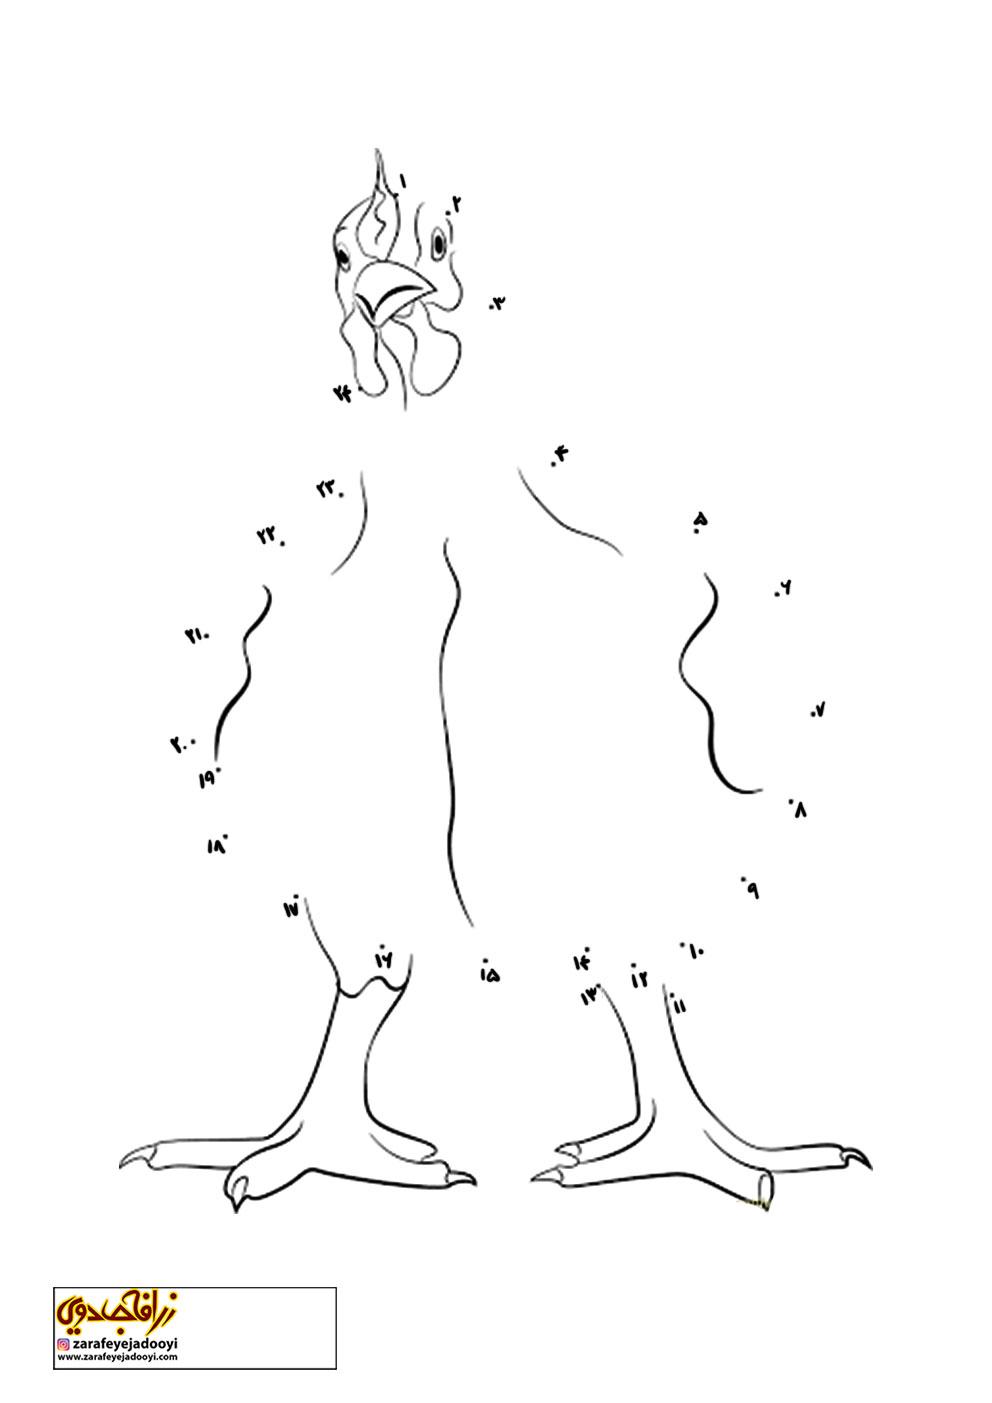 زرافه-جادویی-نقاشی-نقطه-به-نقطه-031